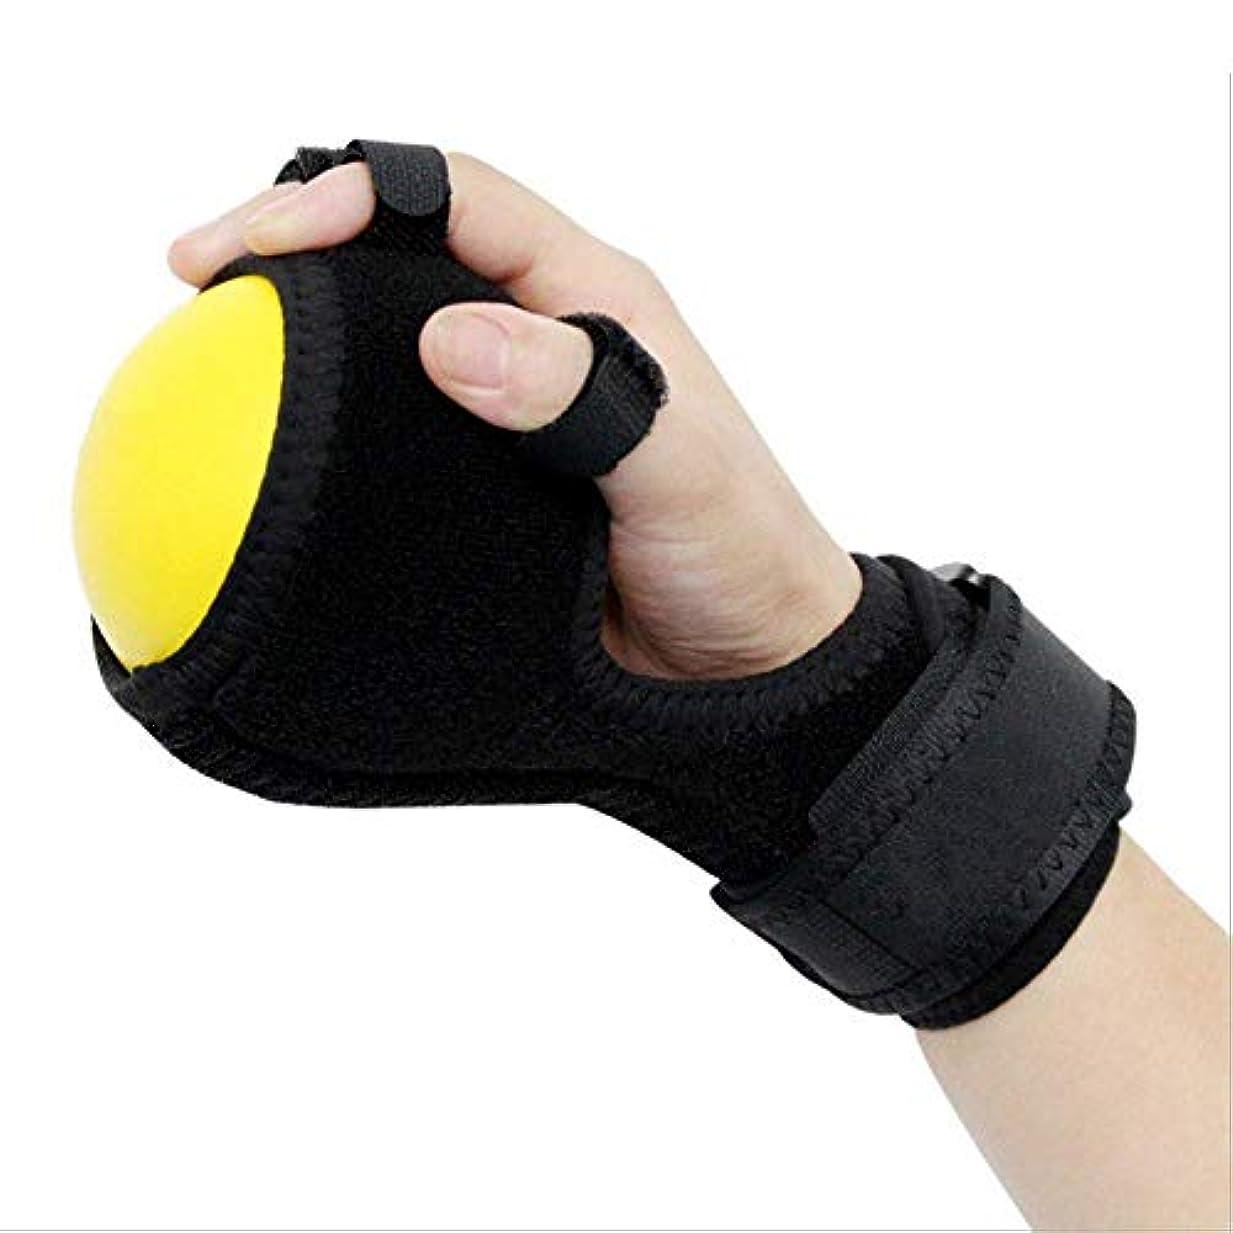 不十分賠償改修する指装具、指板訓練器具抗痙攣性ボールスプリントハンド機能障害指装具ハンドボールエクササイズ指片麻痺